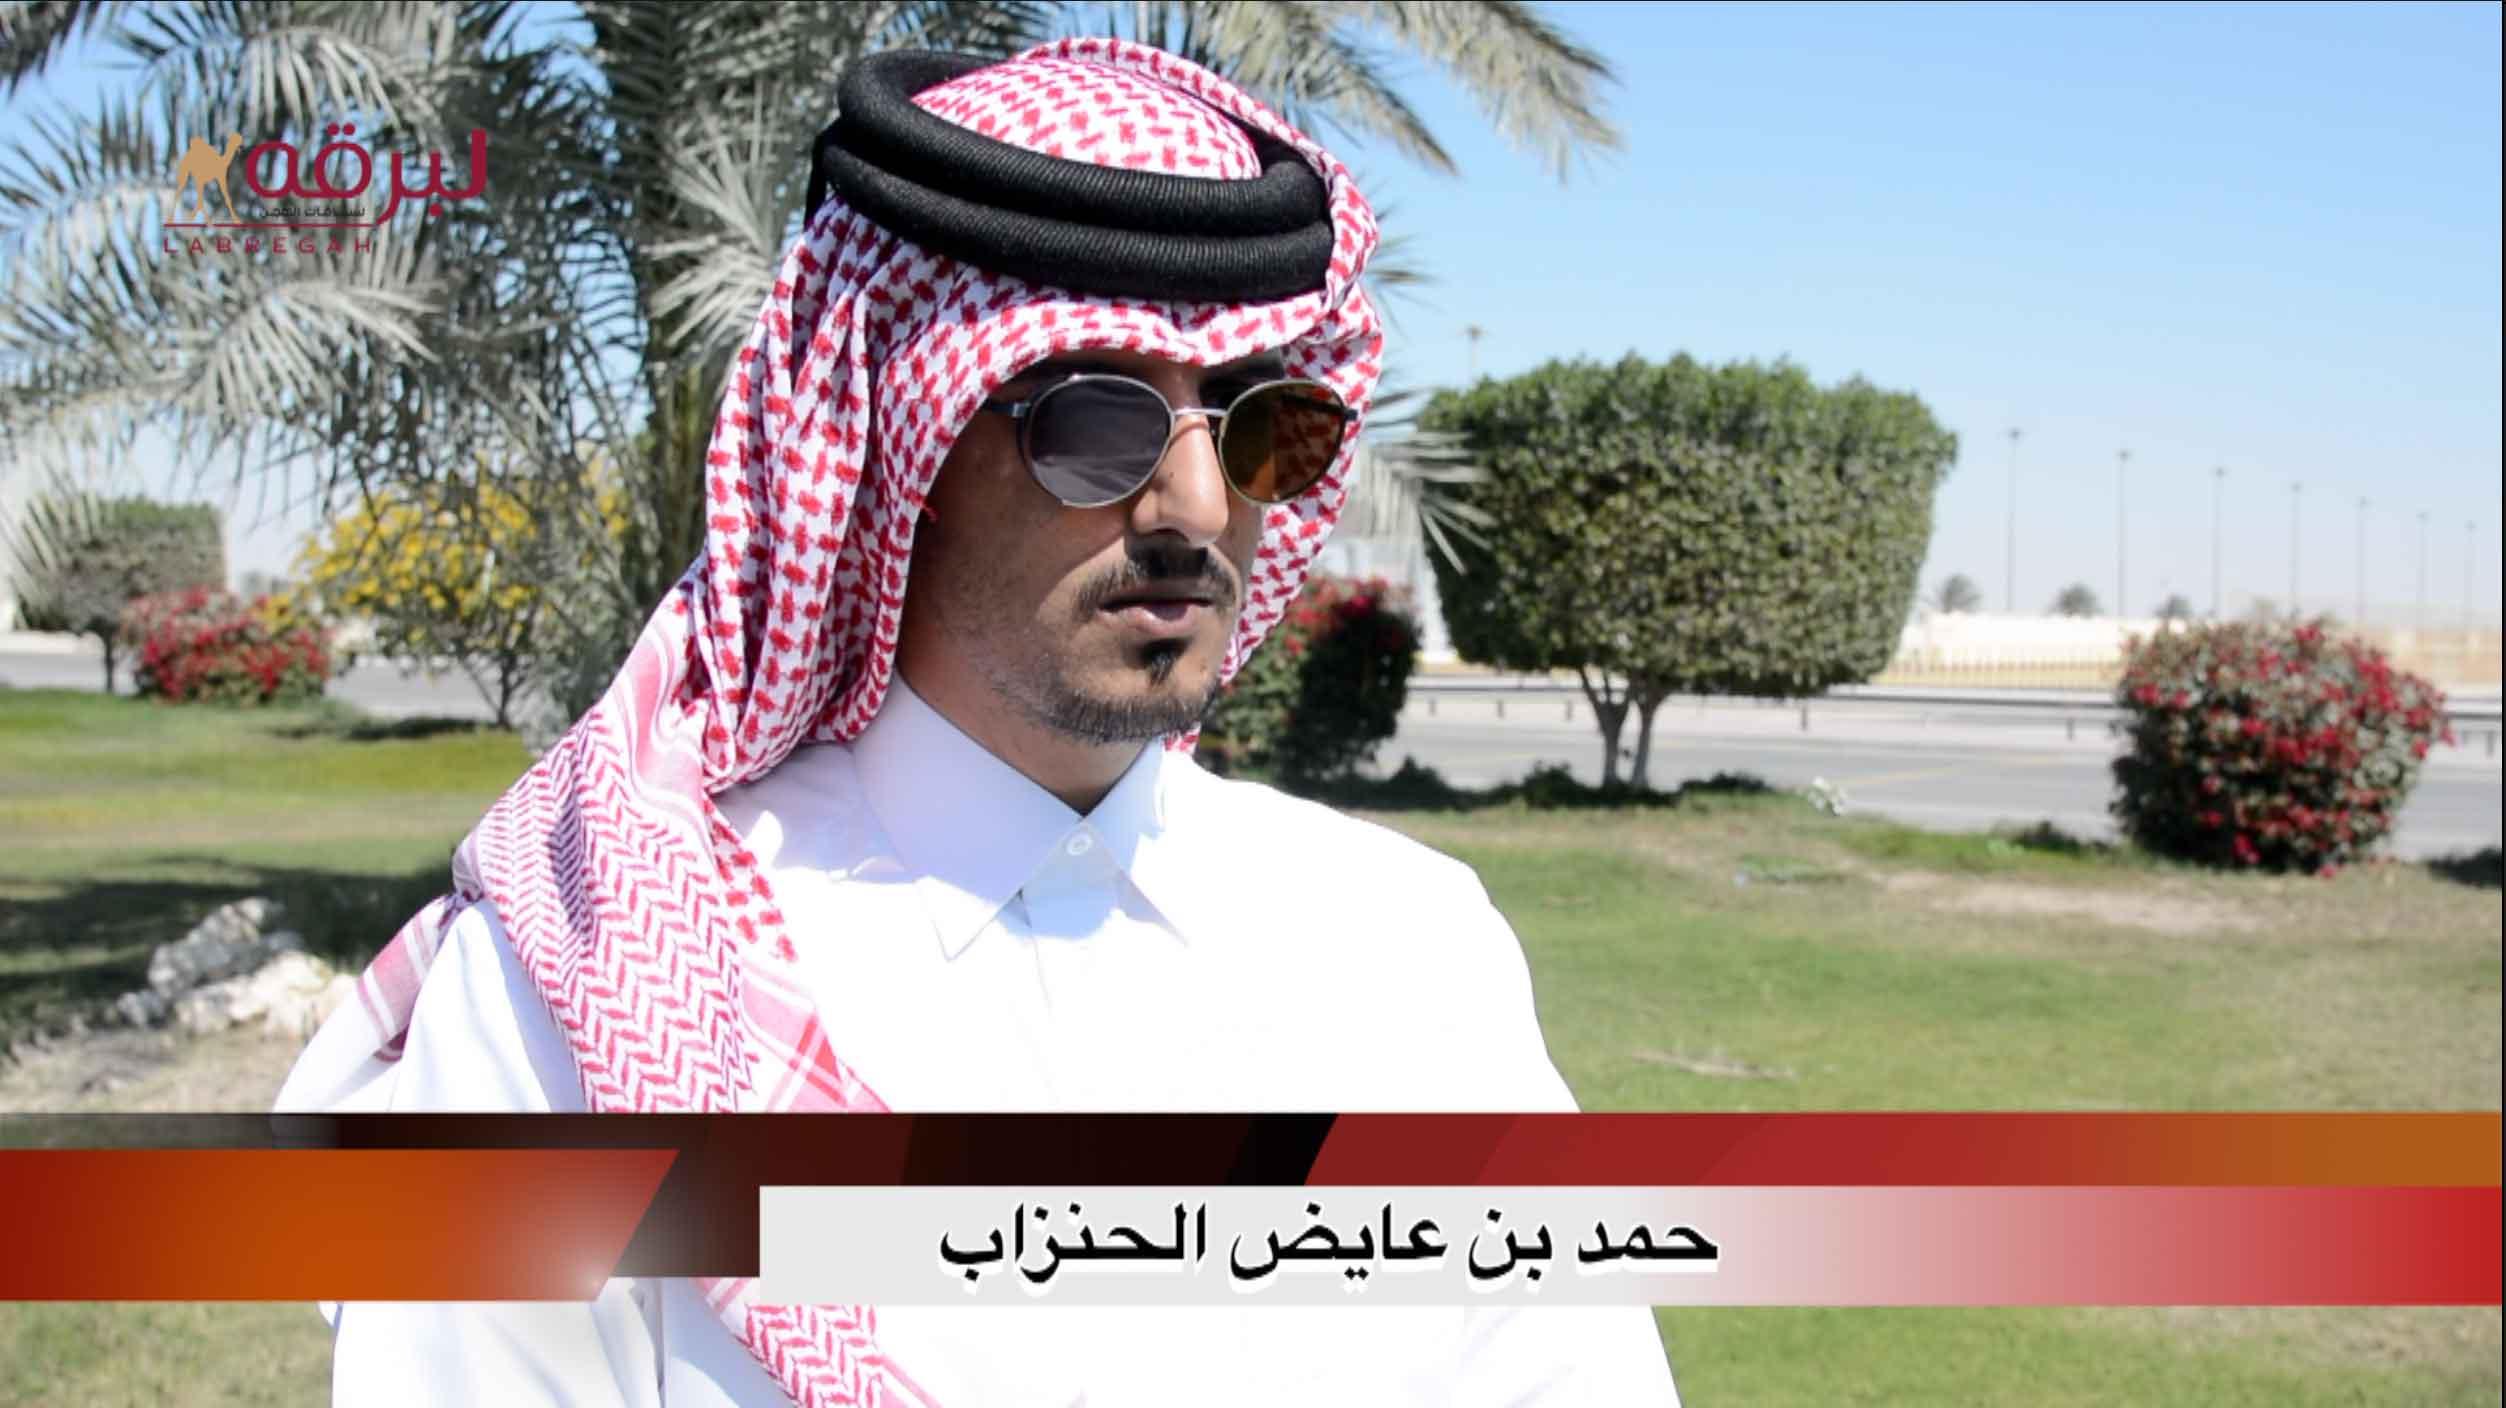 لقاء مع حمد بن عايض الحنزاب.. الشوط الرئيسي لقايا قعدان « إنتاج » الأشواط العامة  ٢٦-٢-٢٠٢١